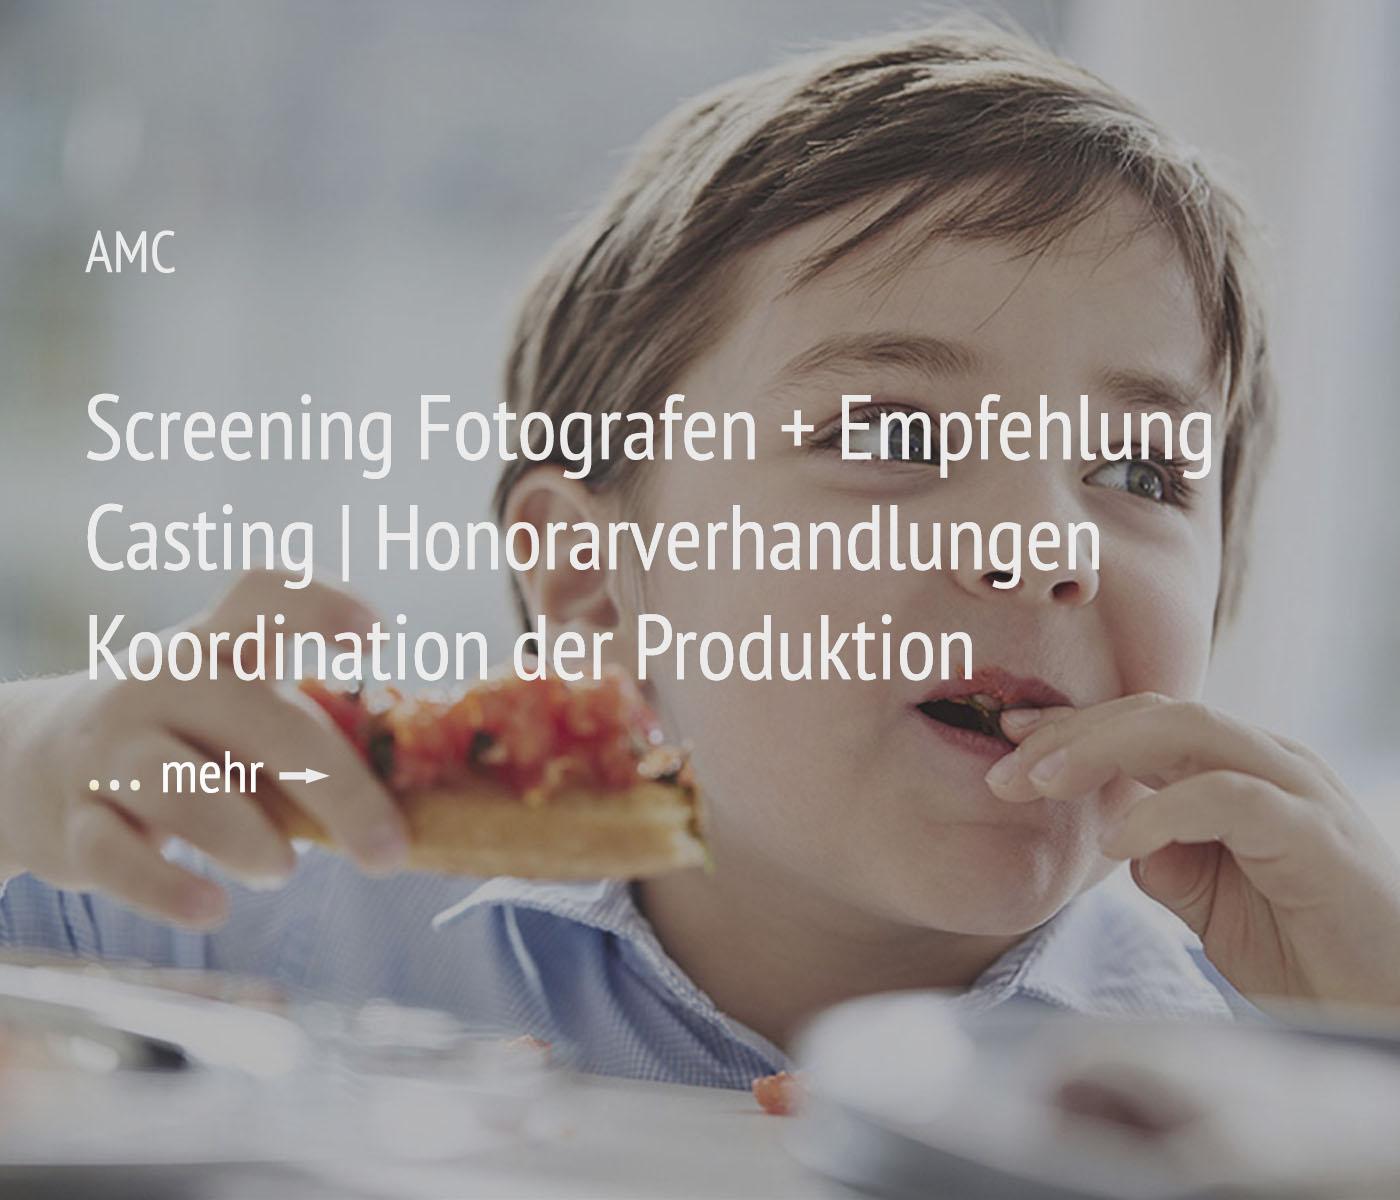 Fotografie + Management + Organisation für das Projekt AMC